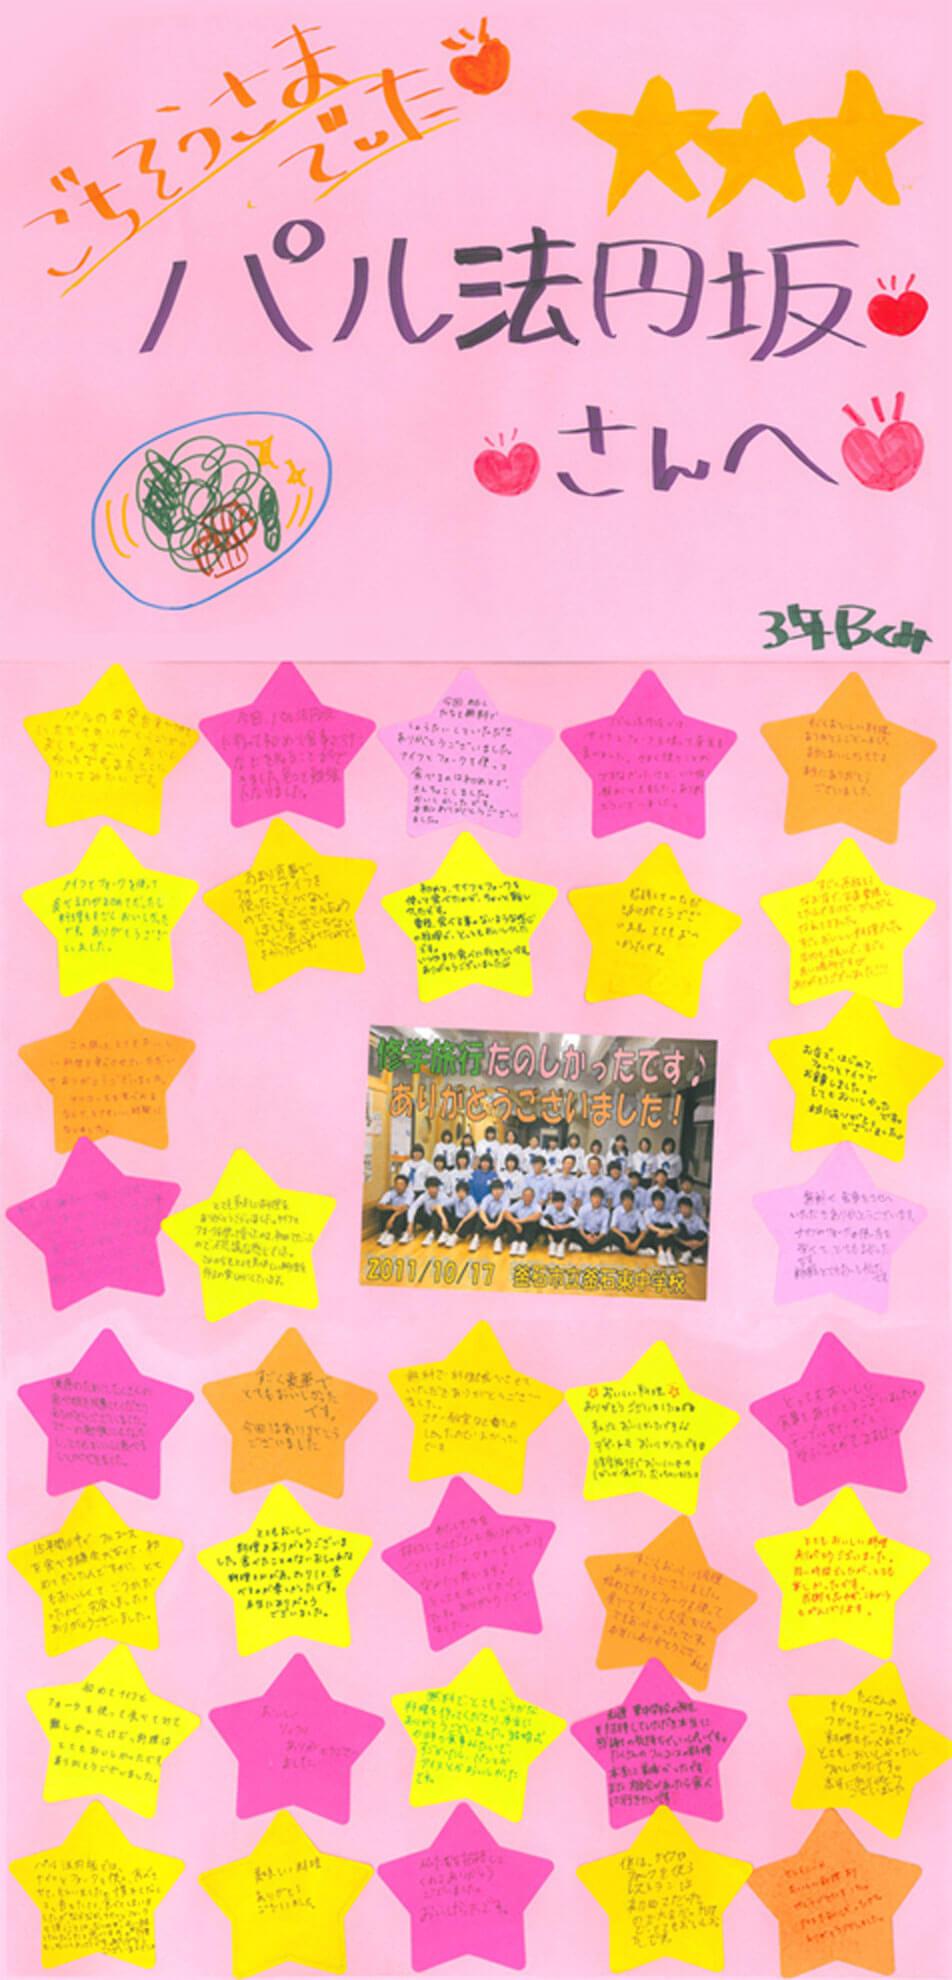 釜石東中の子どもたちからの寄せ書き